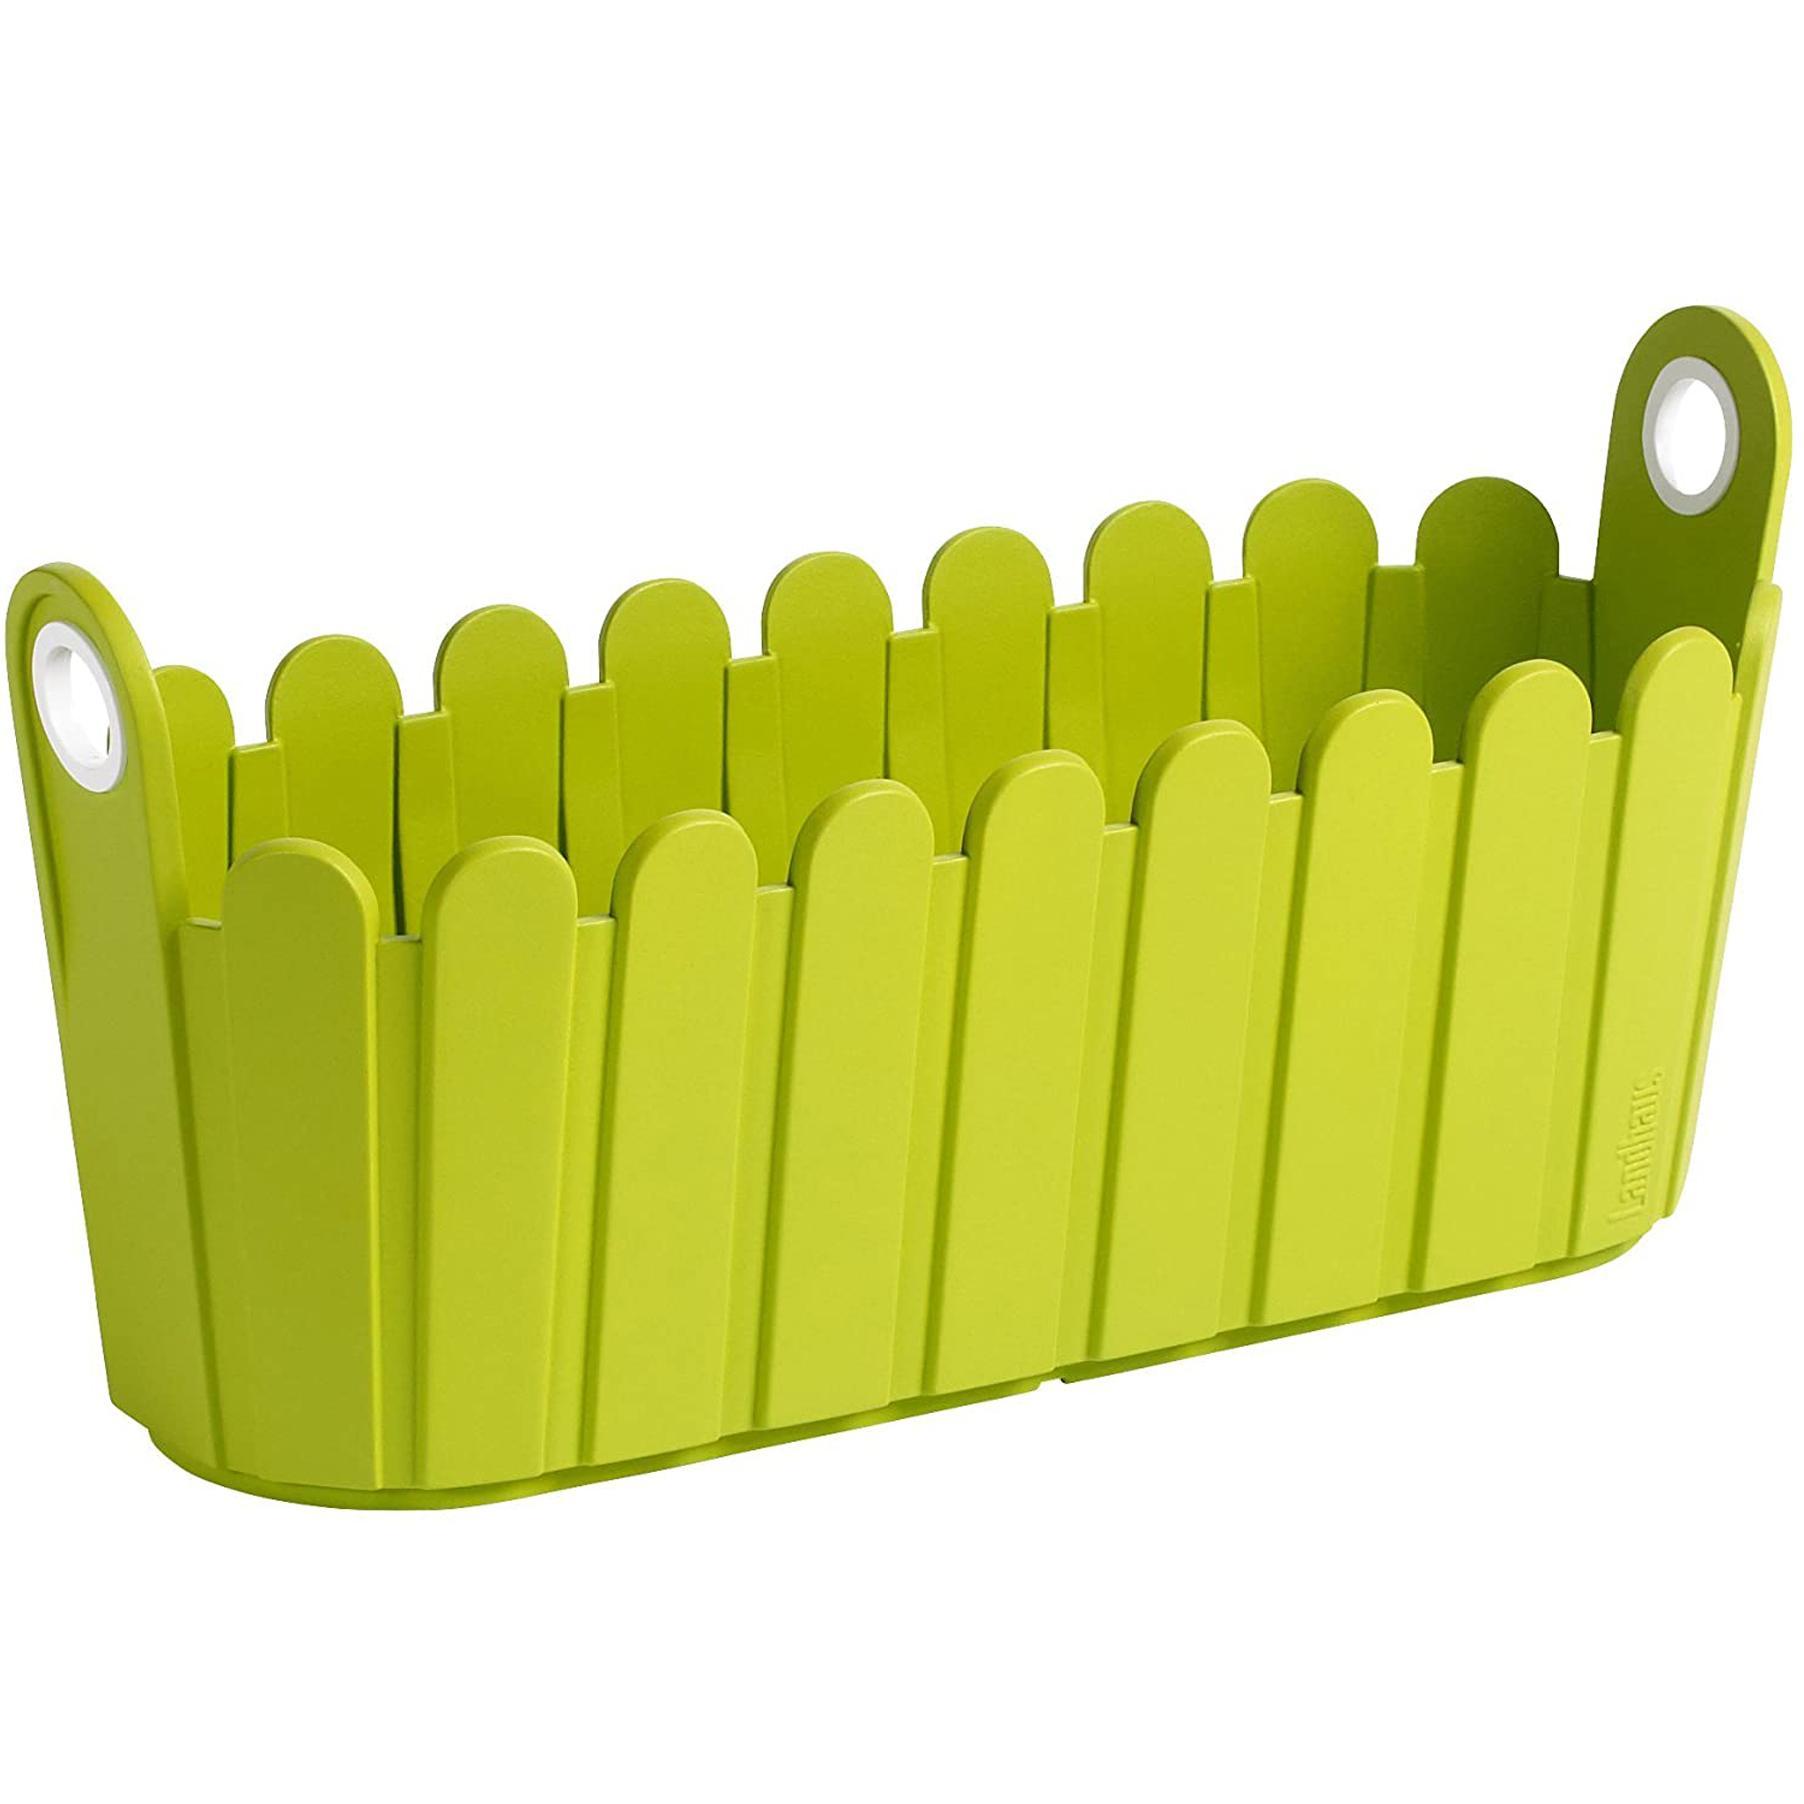 Landhaus пластмасов сандък зелено